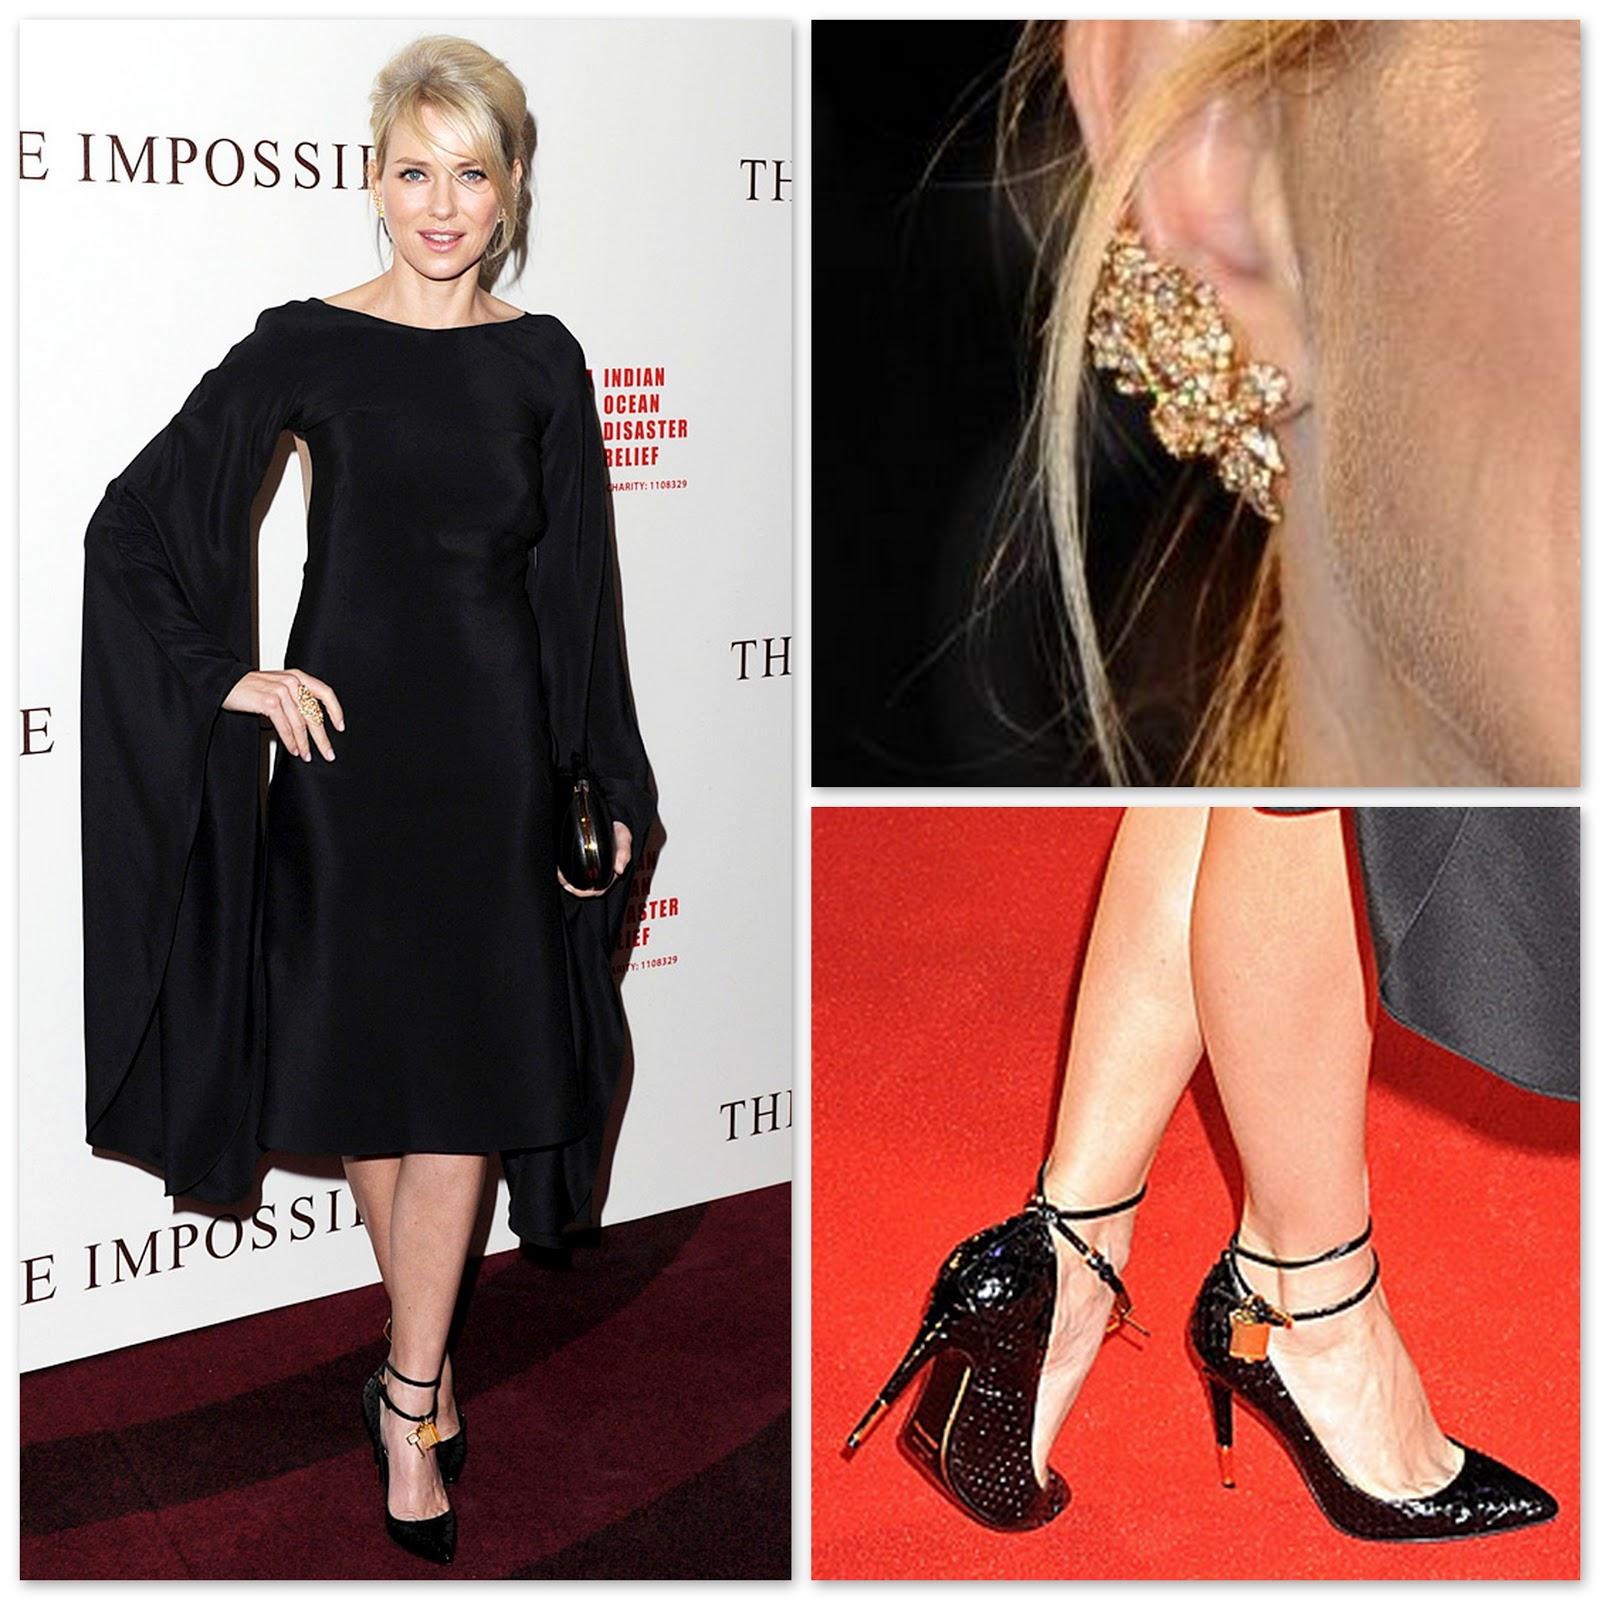 http://1.bp.blogspot.com/-E8_VCLwK80U/ULBTIWlVnvI/AAAAAAAAJLA/pBxKdS7cZKM/s1600/best+dressed.jpg